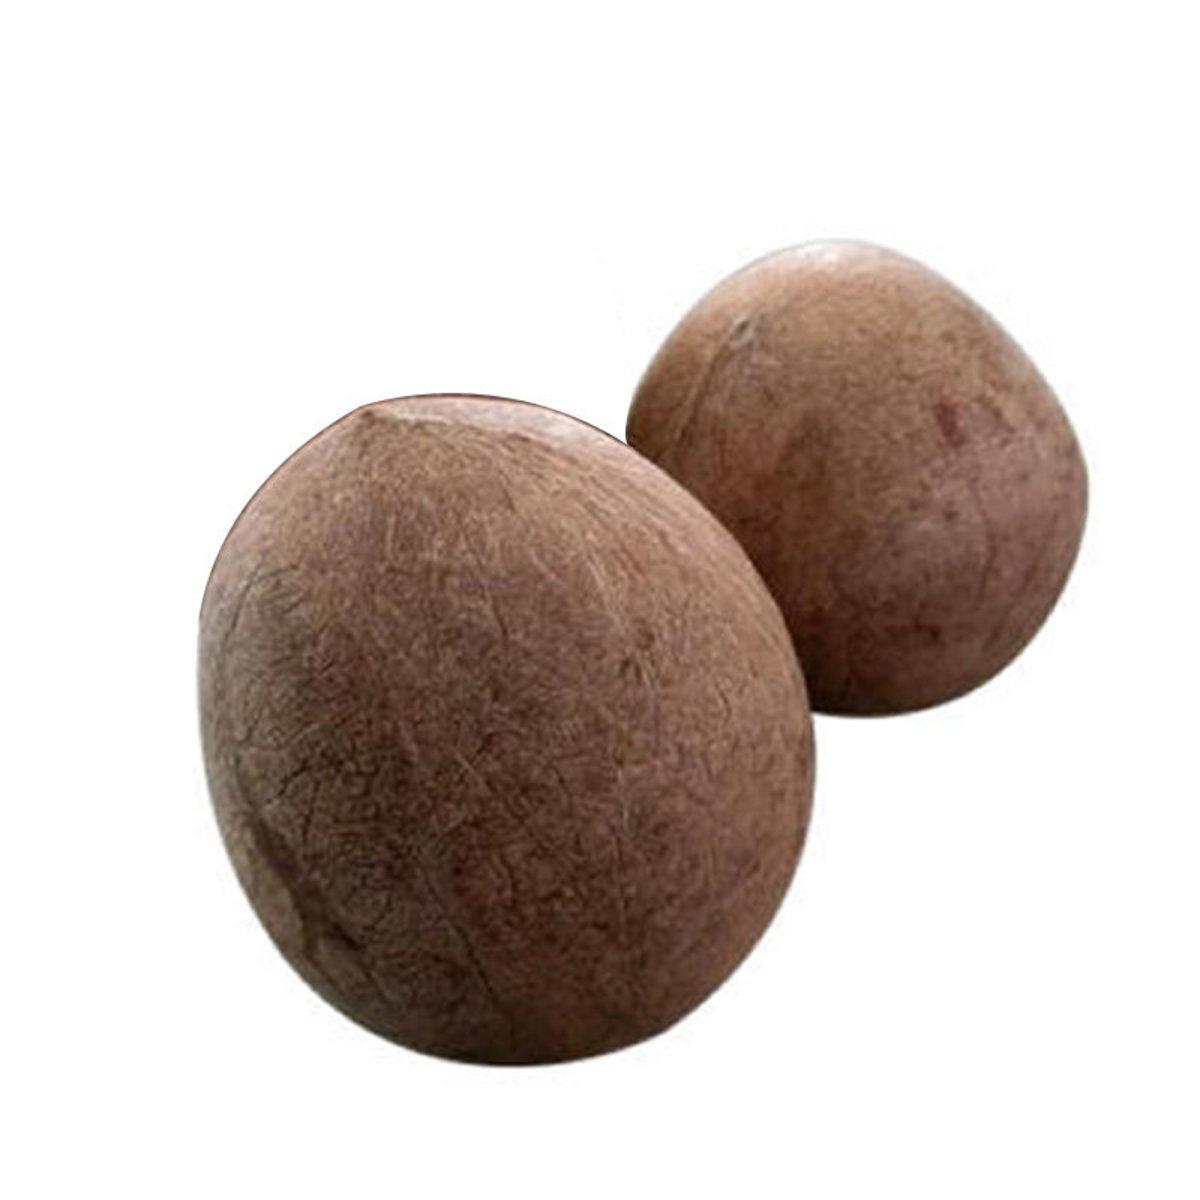 印度椰子(椰子核) x 2